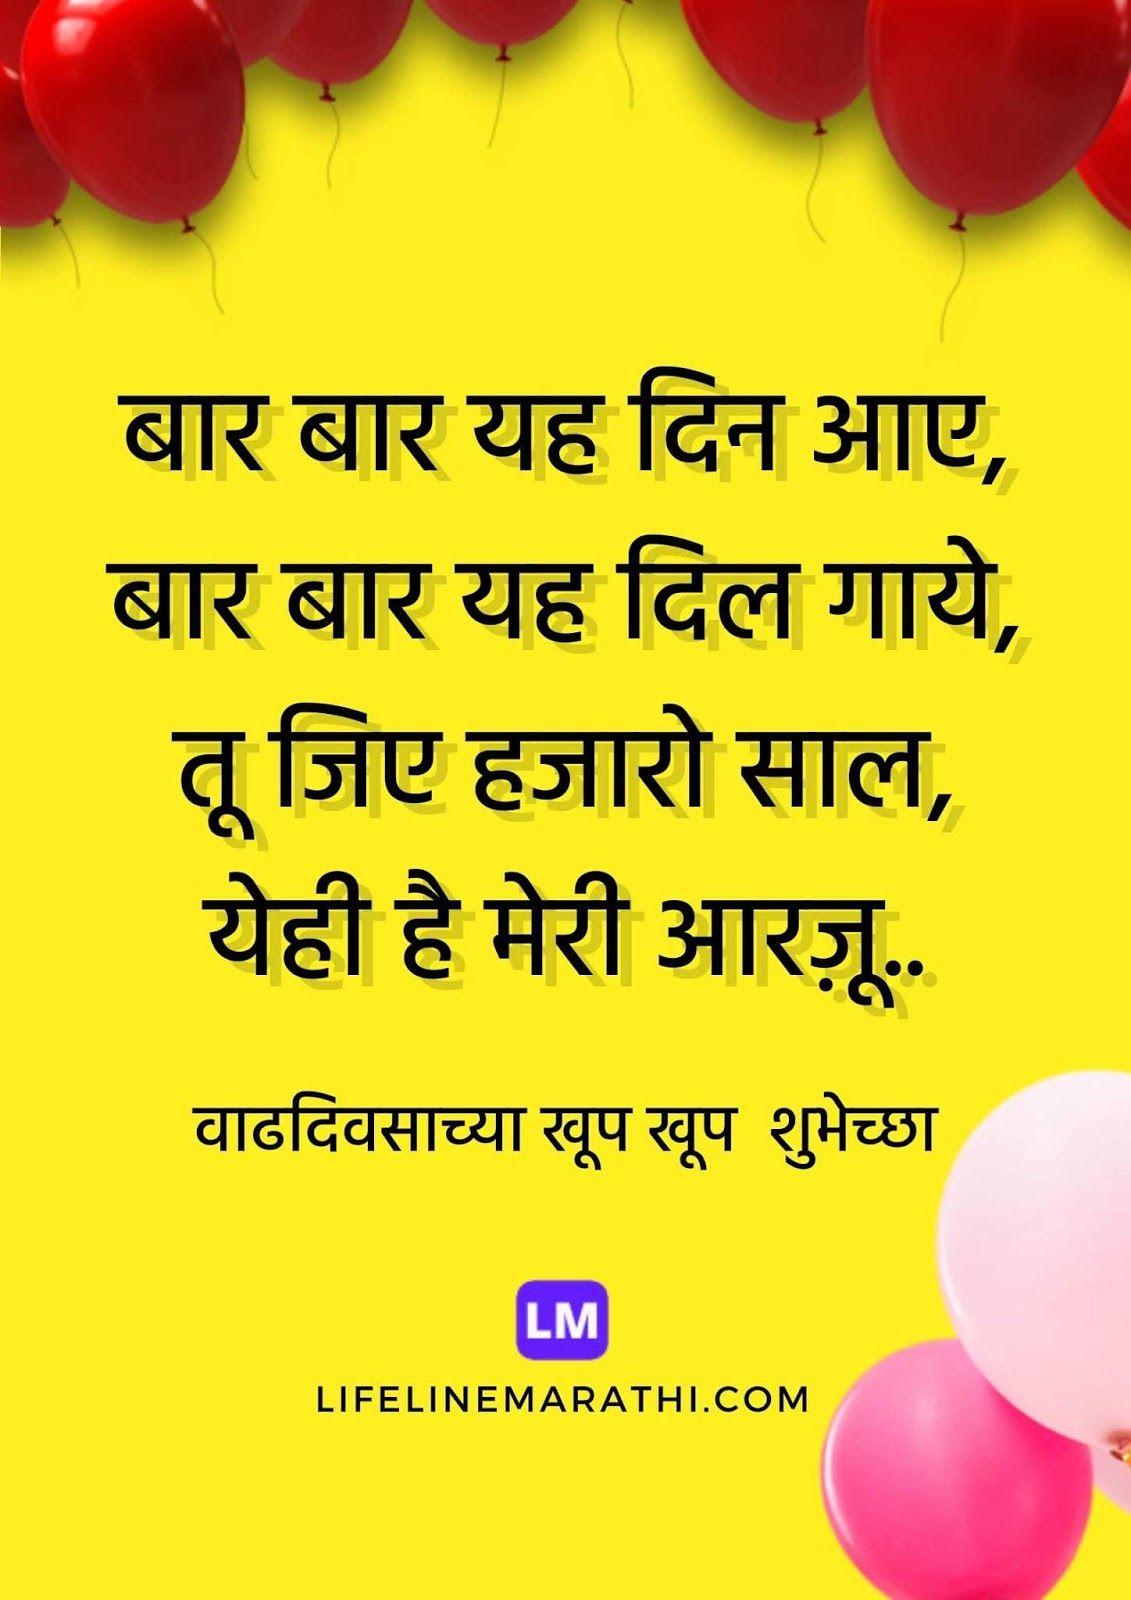 Birthday Wishes In Marathi Happy Birthday Quotes For Friends Birthday Wishes For Girlfriend Happy Birthday Wishes